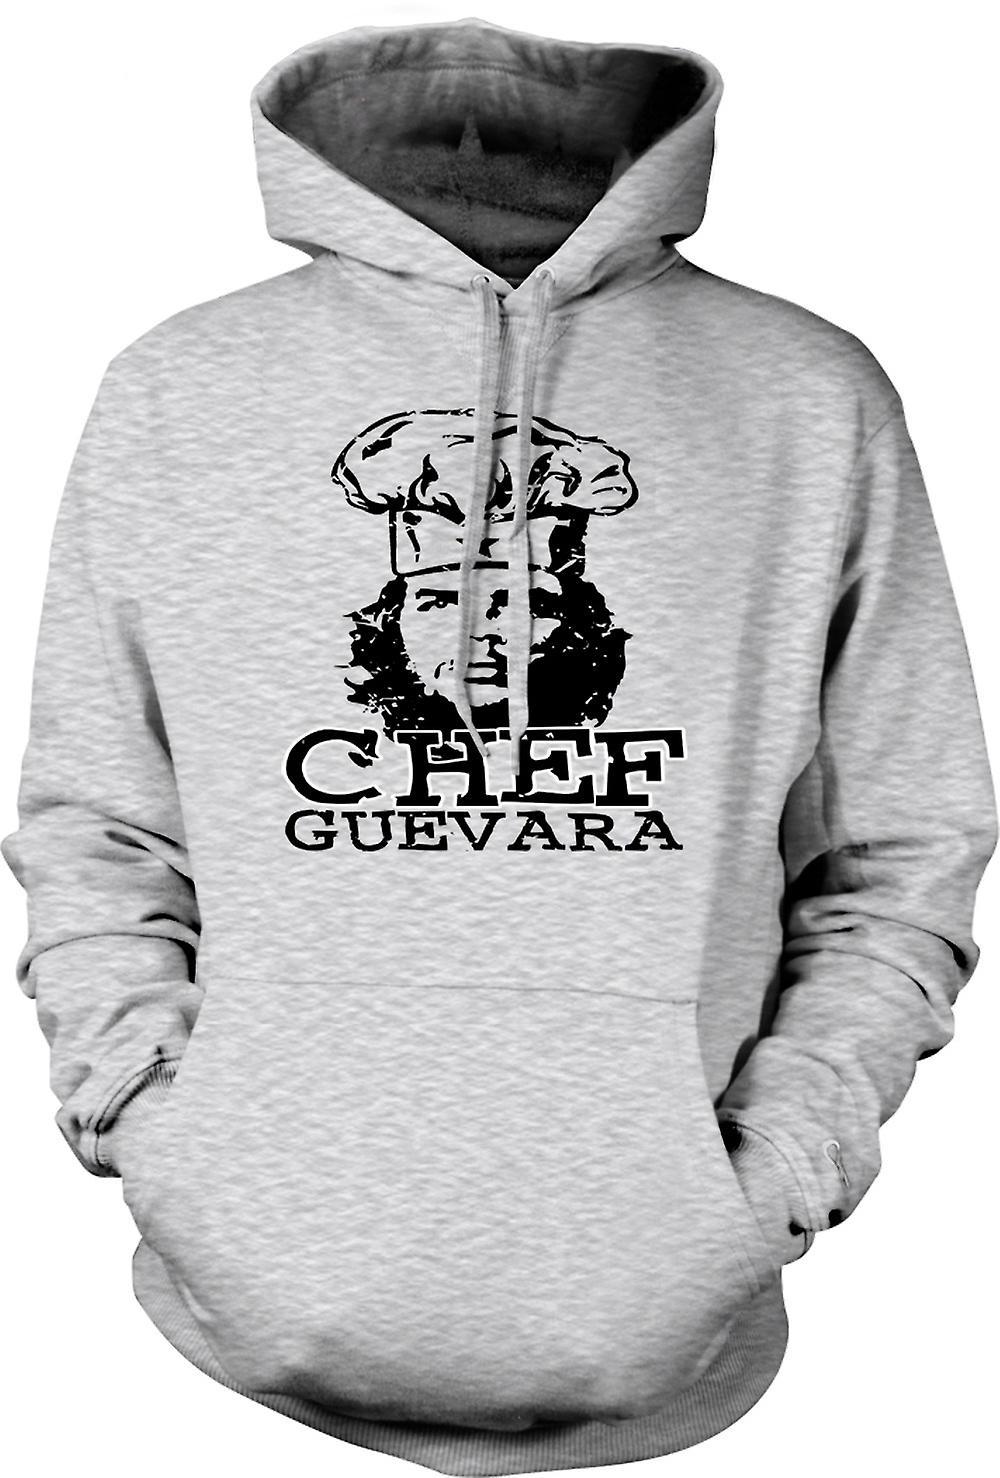 Mens Hoodie - Chef Guevara Cool